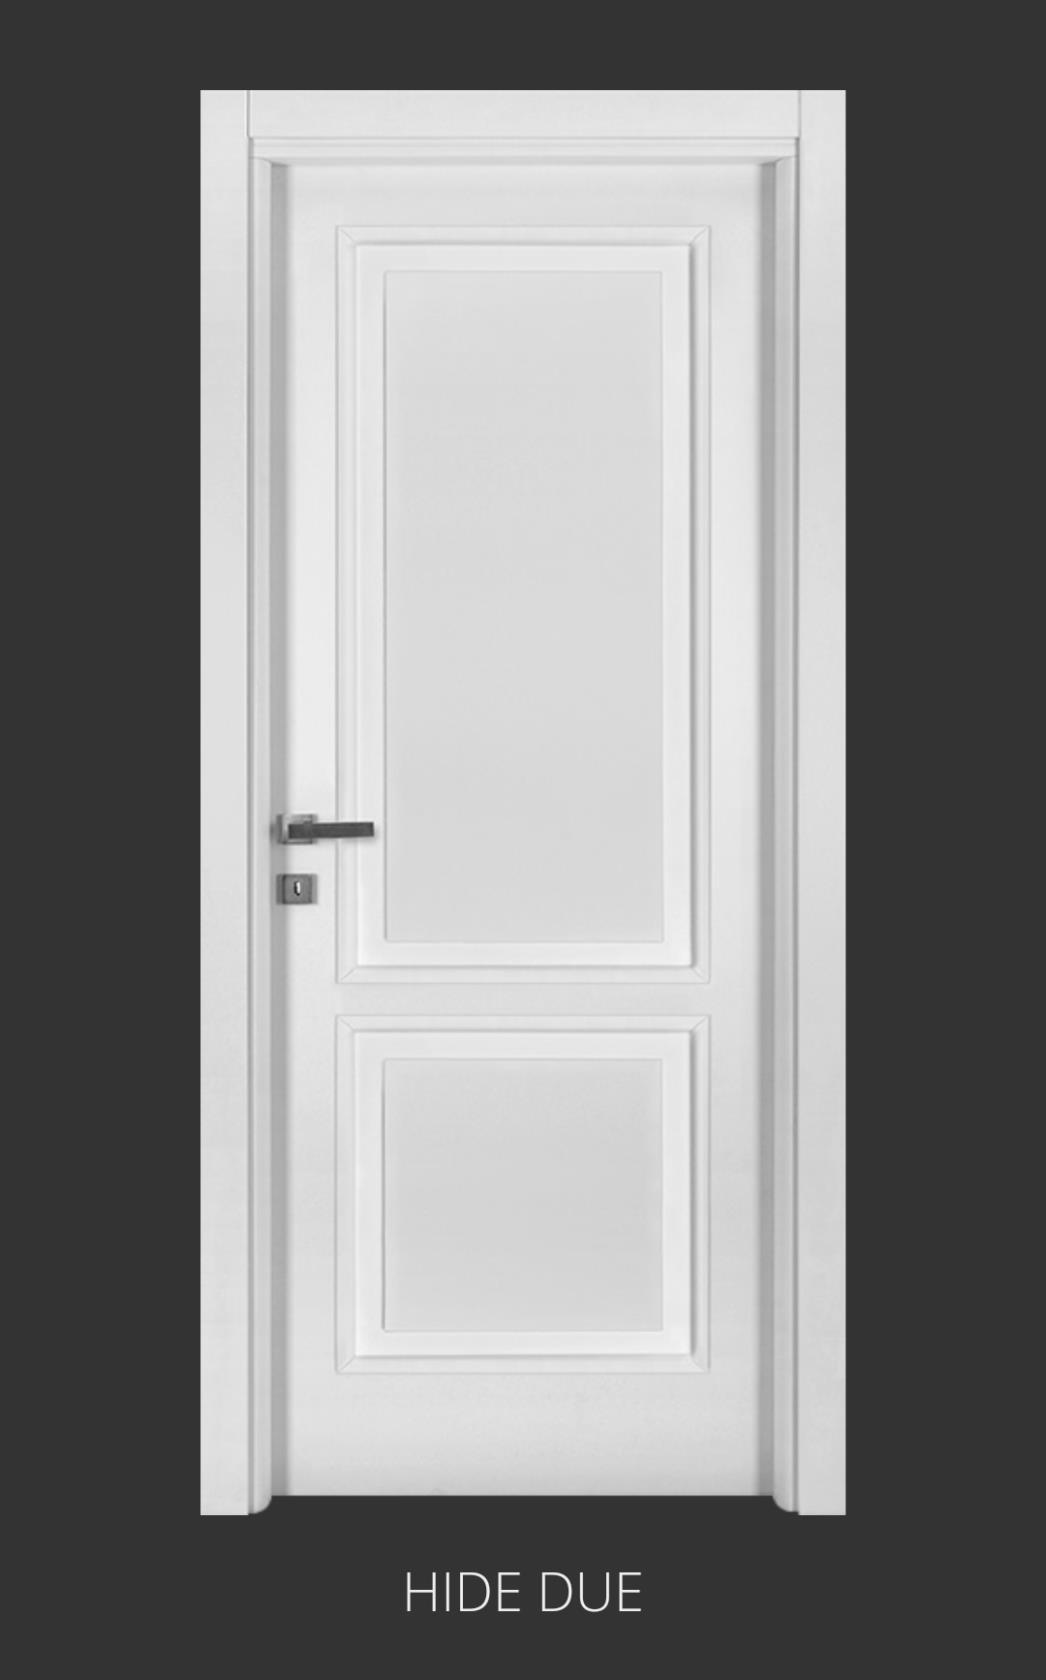 porte in legno Amato farina tende Roma